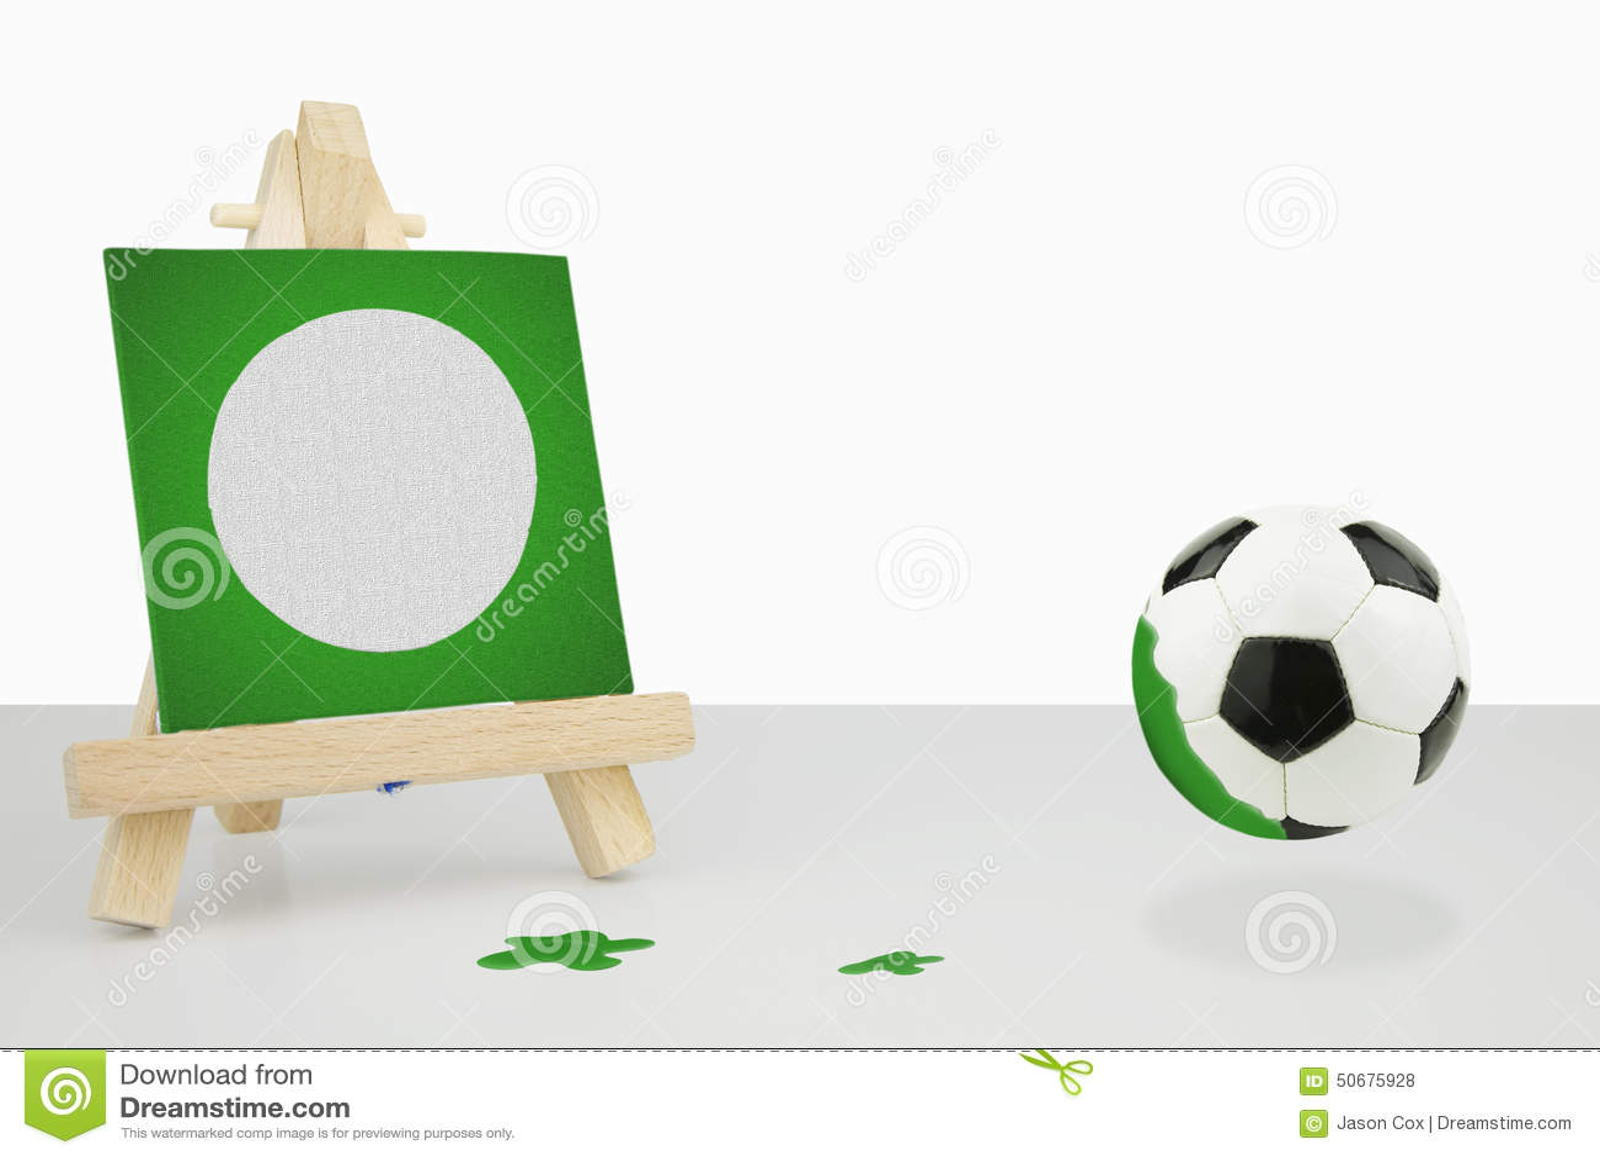 Download 有一张绿色帆布橄榄球绘画的,橄榄球艺术家画架 库存照片. 图片 包括有 空间, 橄榄球, 换码, ,并且 - 50675928